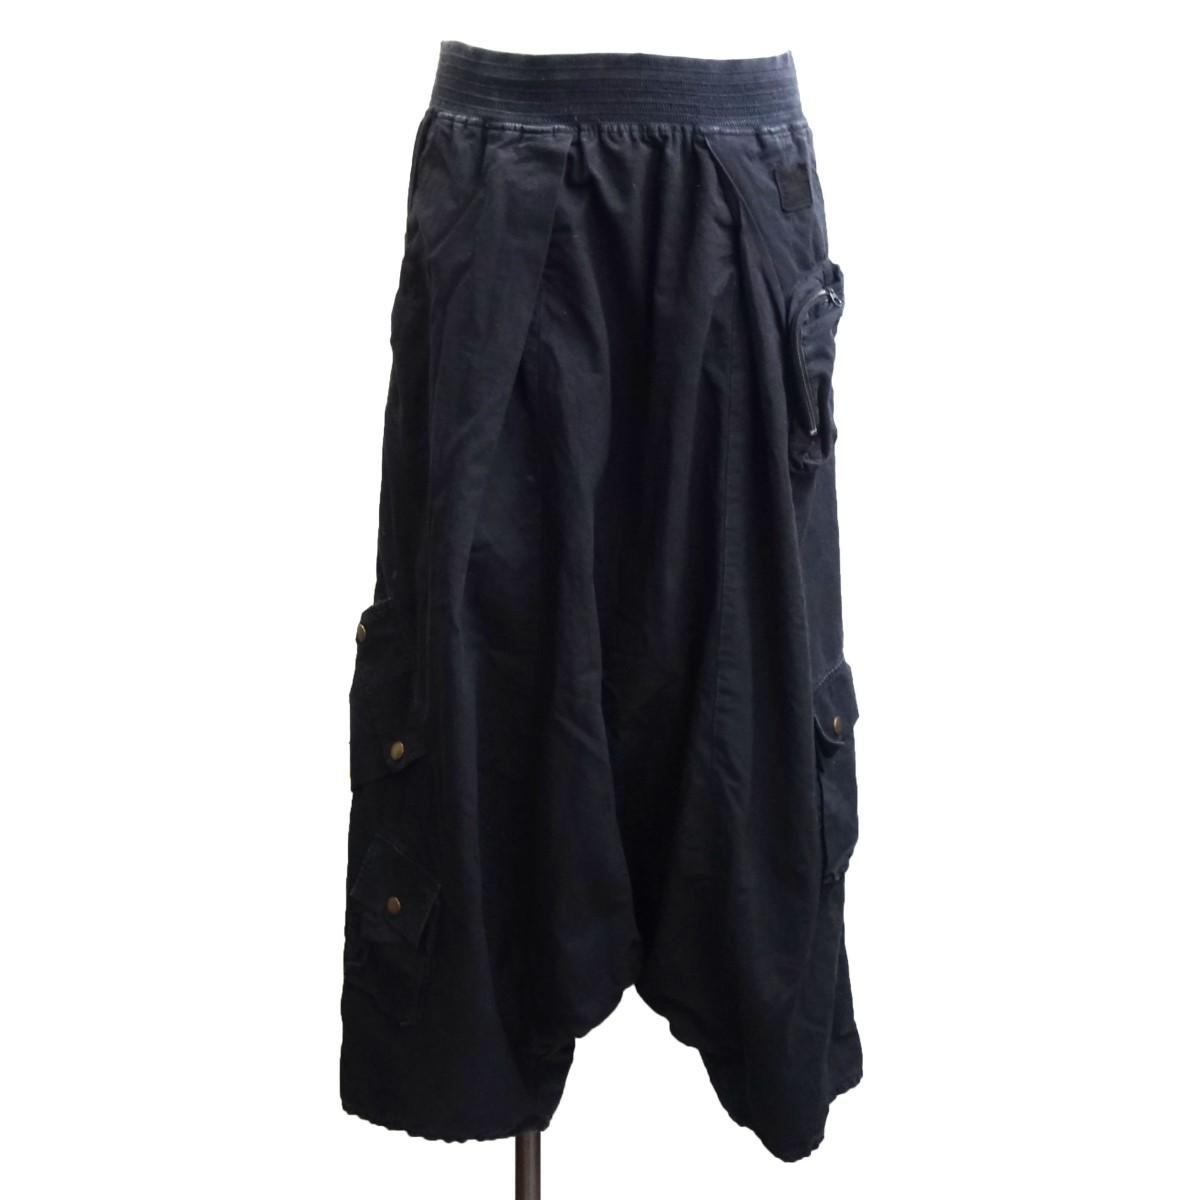 【中古】KAPITAL リップストップシモキタアルパインサルエルパンツ ブラック サイズ:4 【100720】(キャピタル)